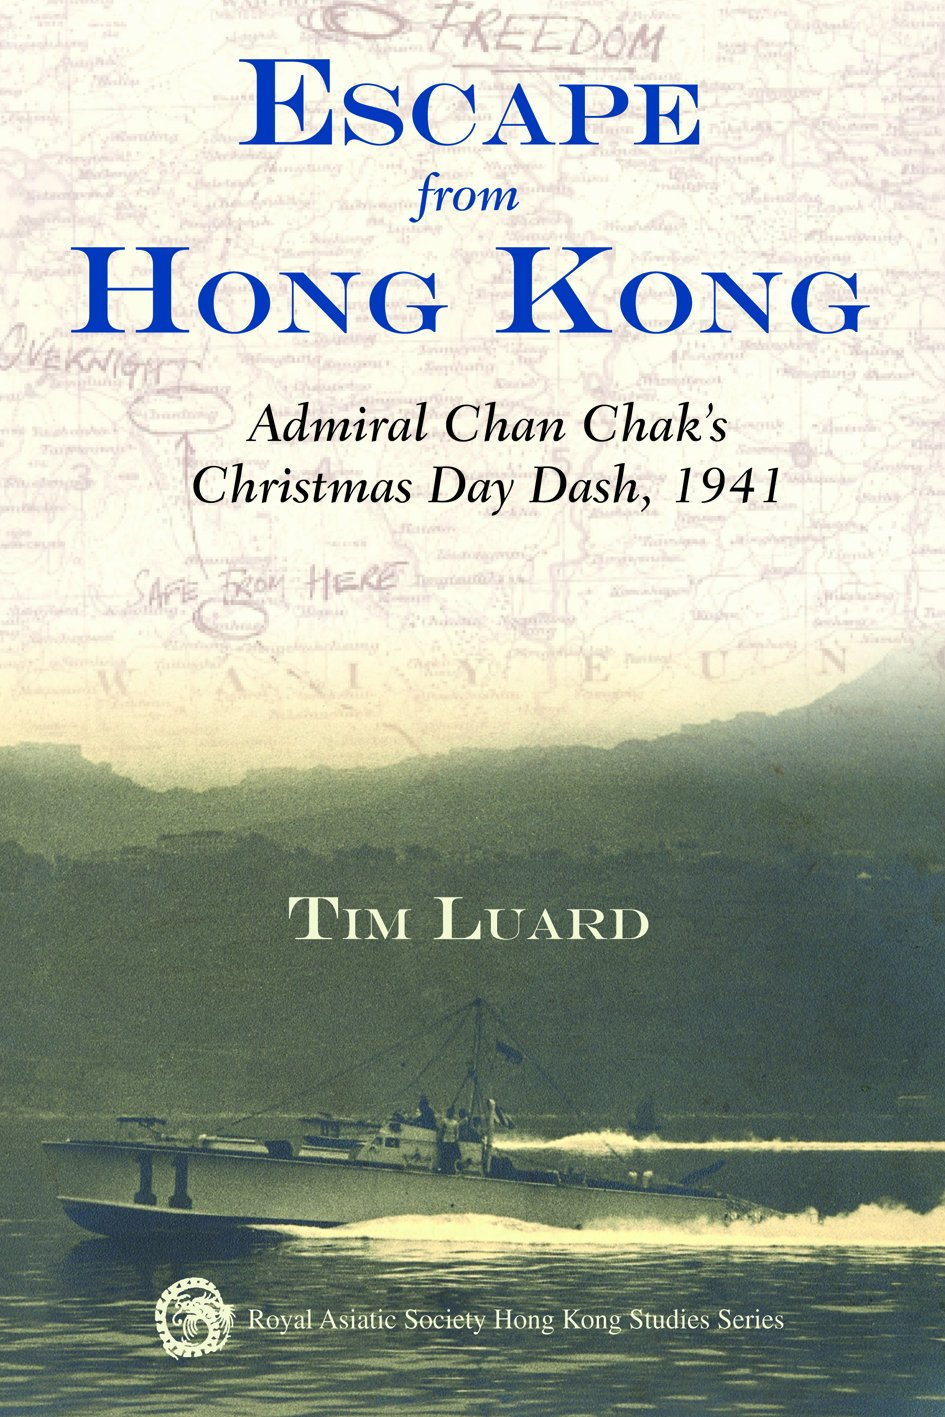 Escape from Hong Kong: Admiral Chan Chak's Christmas Day Dash, 1941 (Royal Asiatic Society Hong Kong Studies Series)